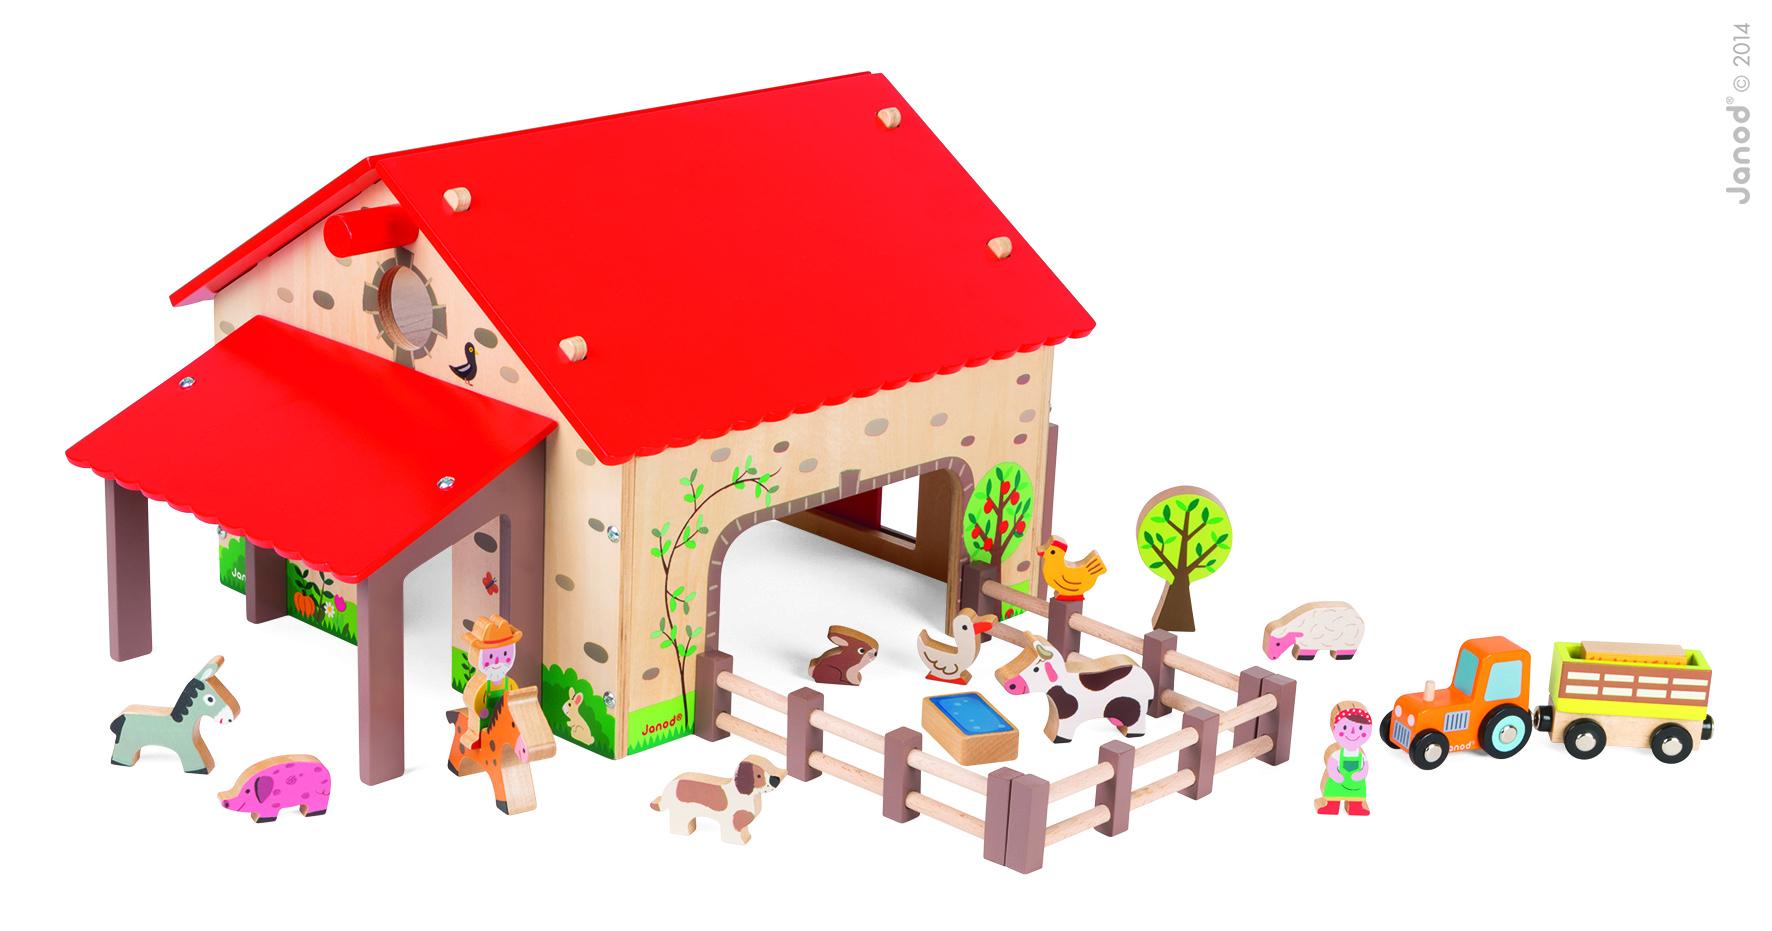 Набор для детей - Веселая ферма, 19 аксессуаровИгровые наборы Зоопарк, Ферма<br>Набор для детей - Веселая ферма, 19 аксессуаров<br>